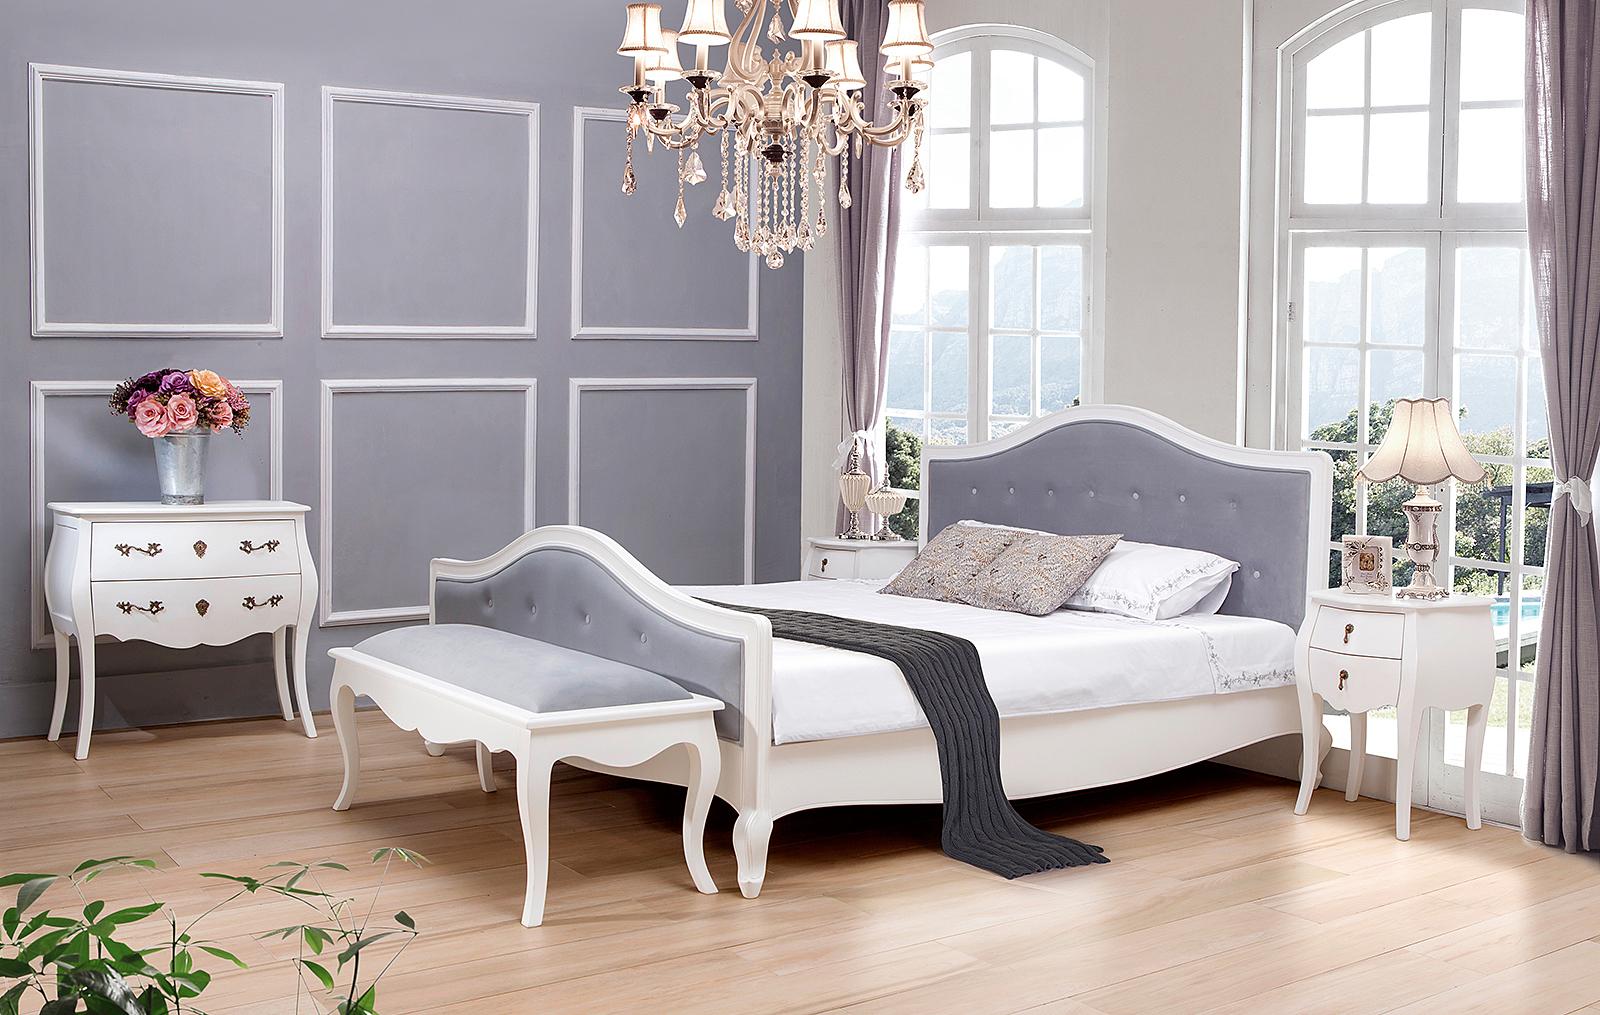 Спальня  ESF PLC, Тумбочка ESF PLC31 белая, Комод горизонтальный ESF PLC9 белый